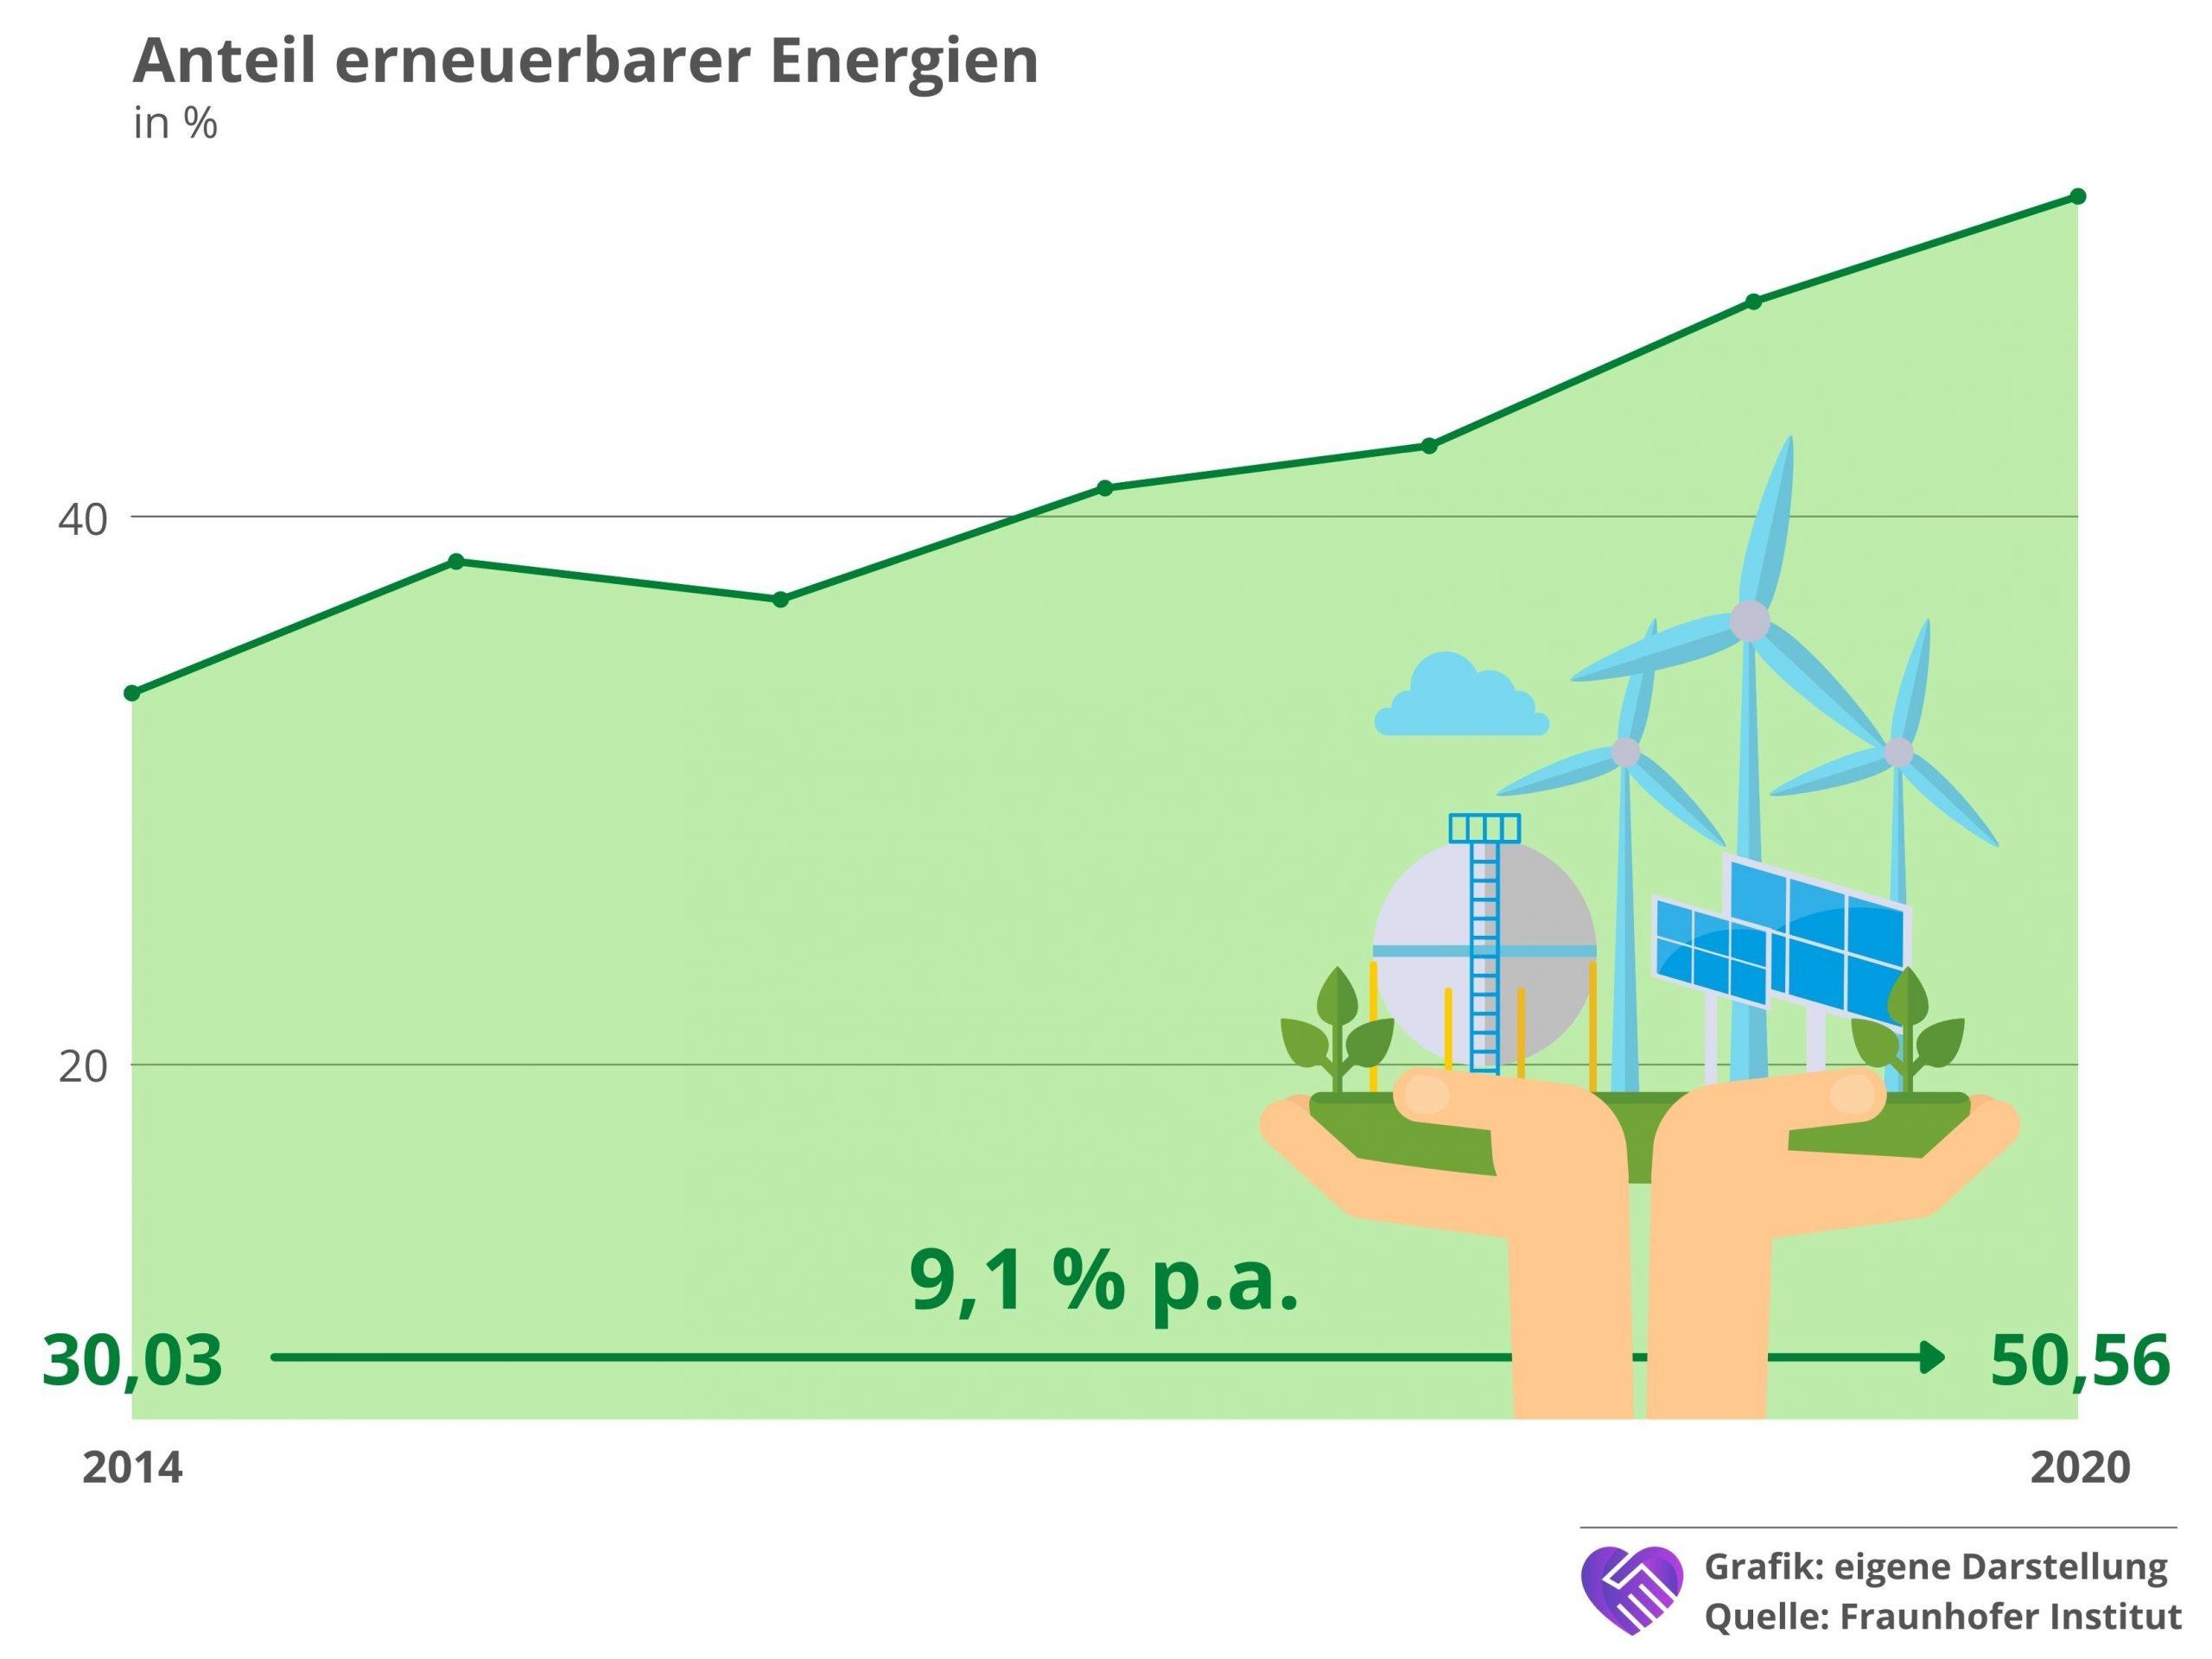 7C Solarparken Aktie Analyse Strom Deutschland erneuerbare Energien Anteil